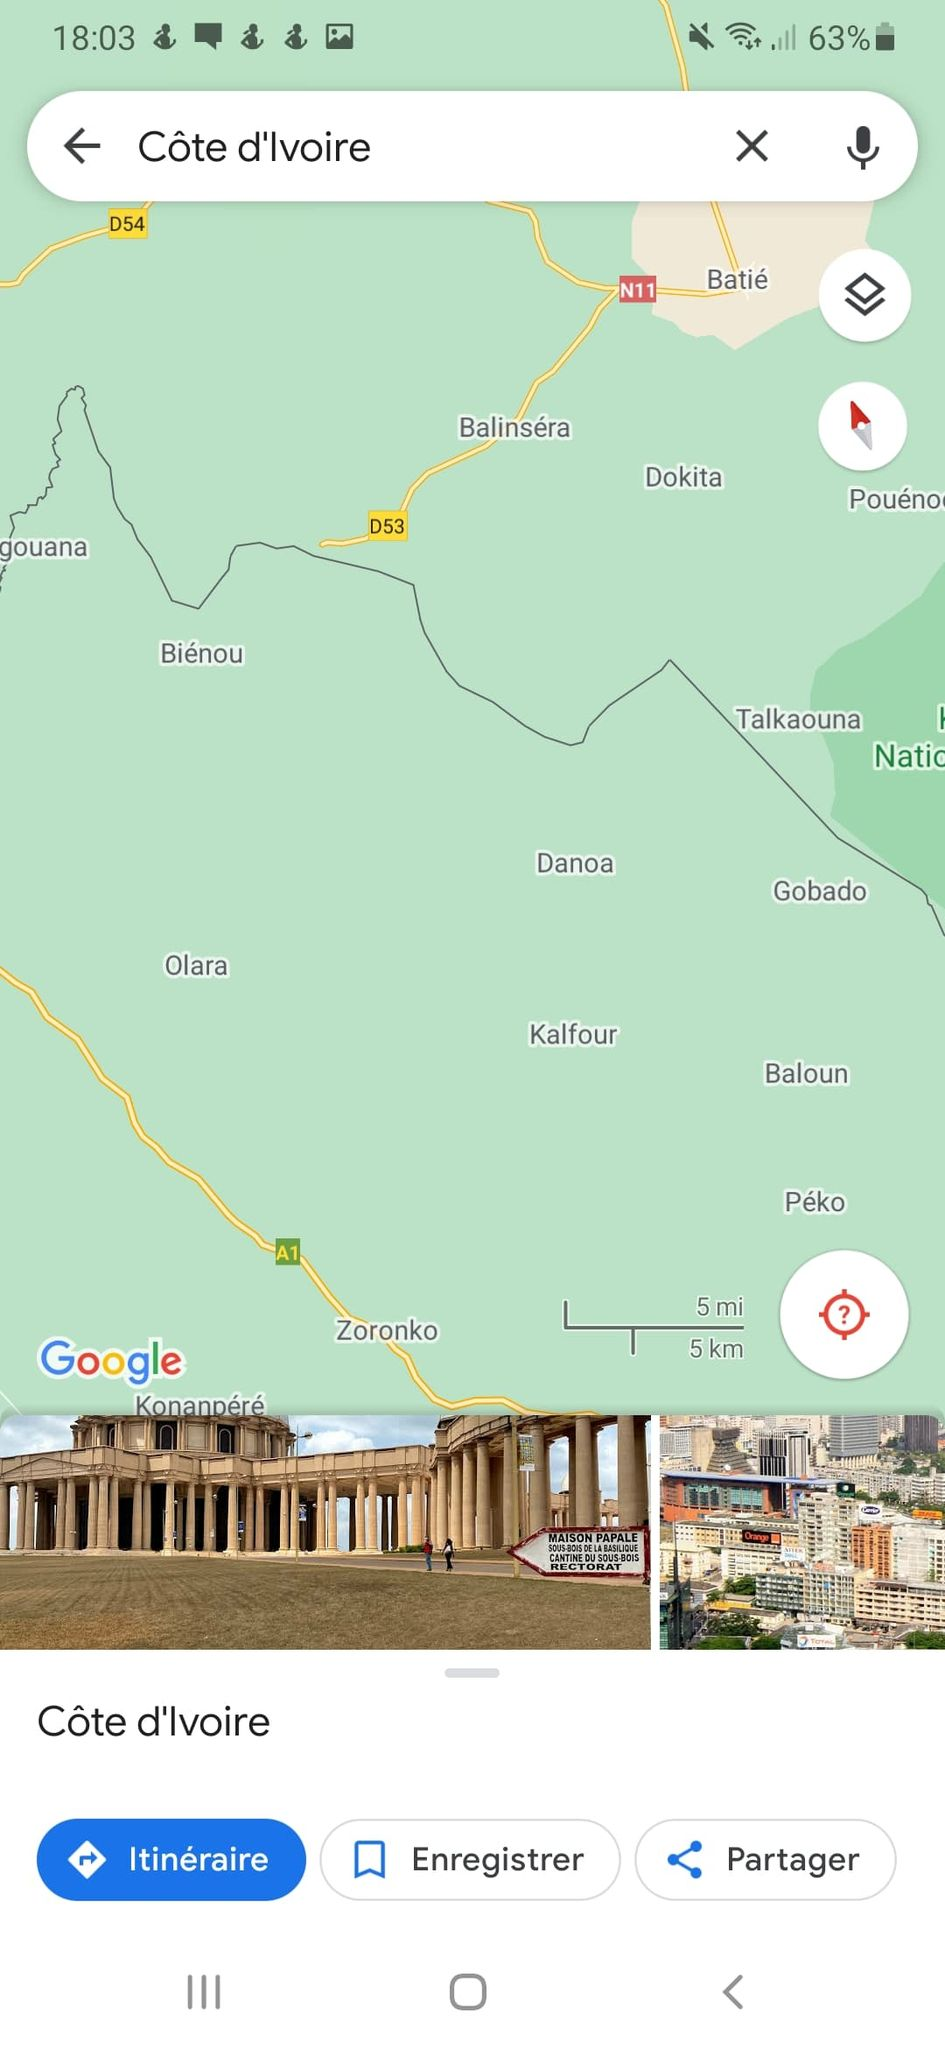 nos recherches révèlent qu'il s'agit de la zone frontalière du côté nord-est de la Côte d'Ivoire vers Doropo, Téhi et Bouna